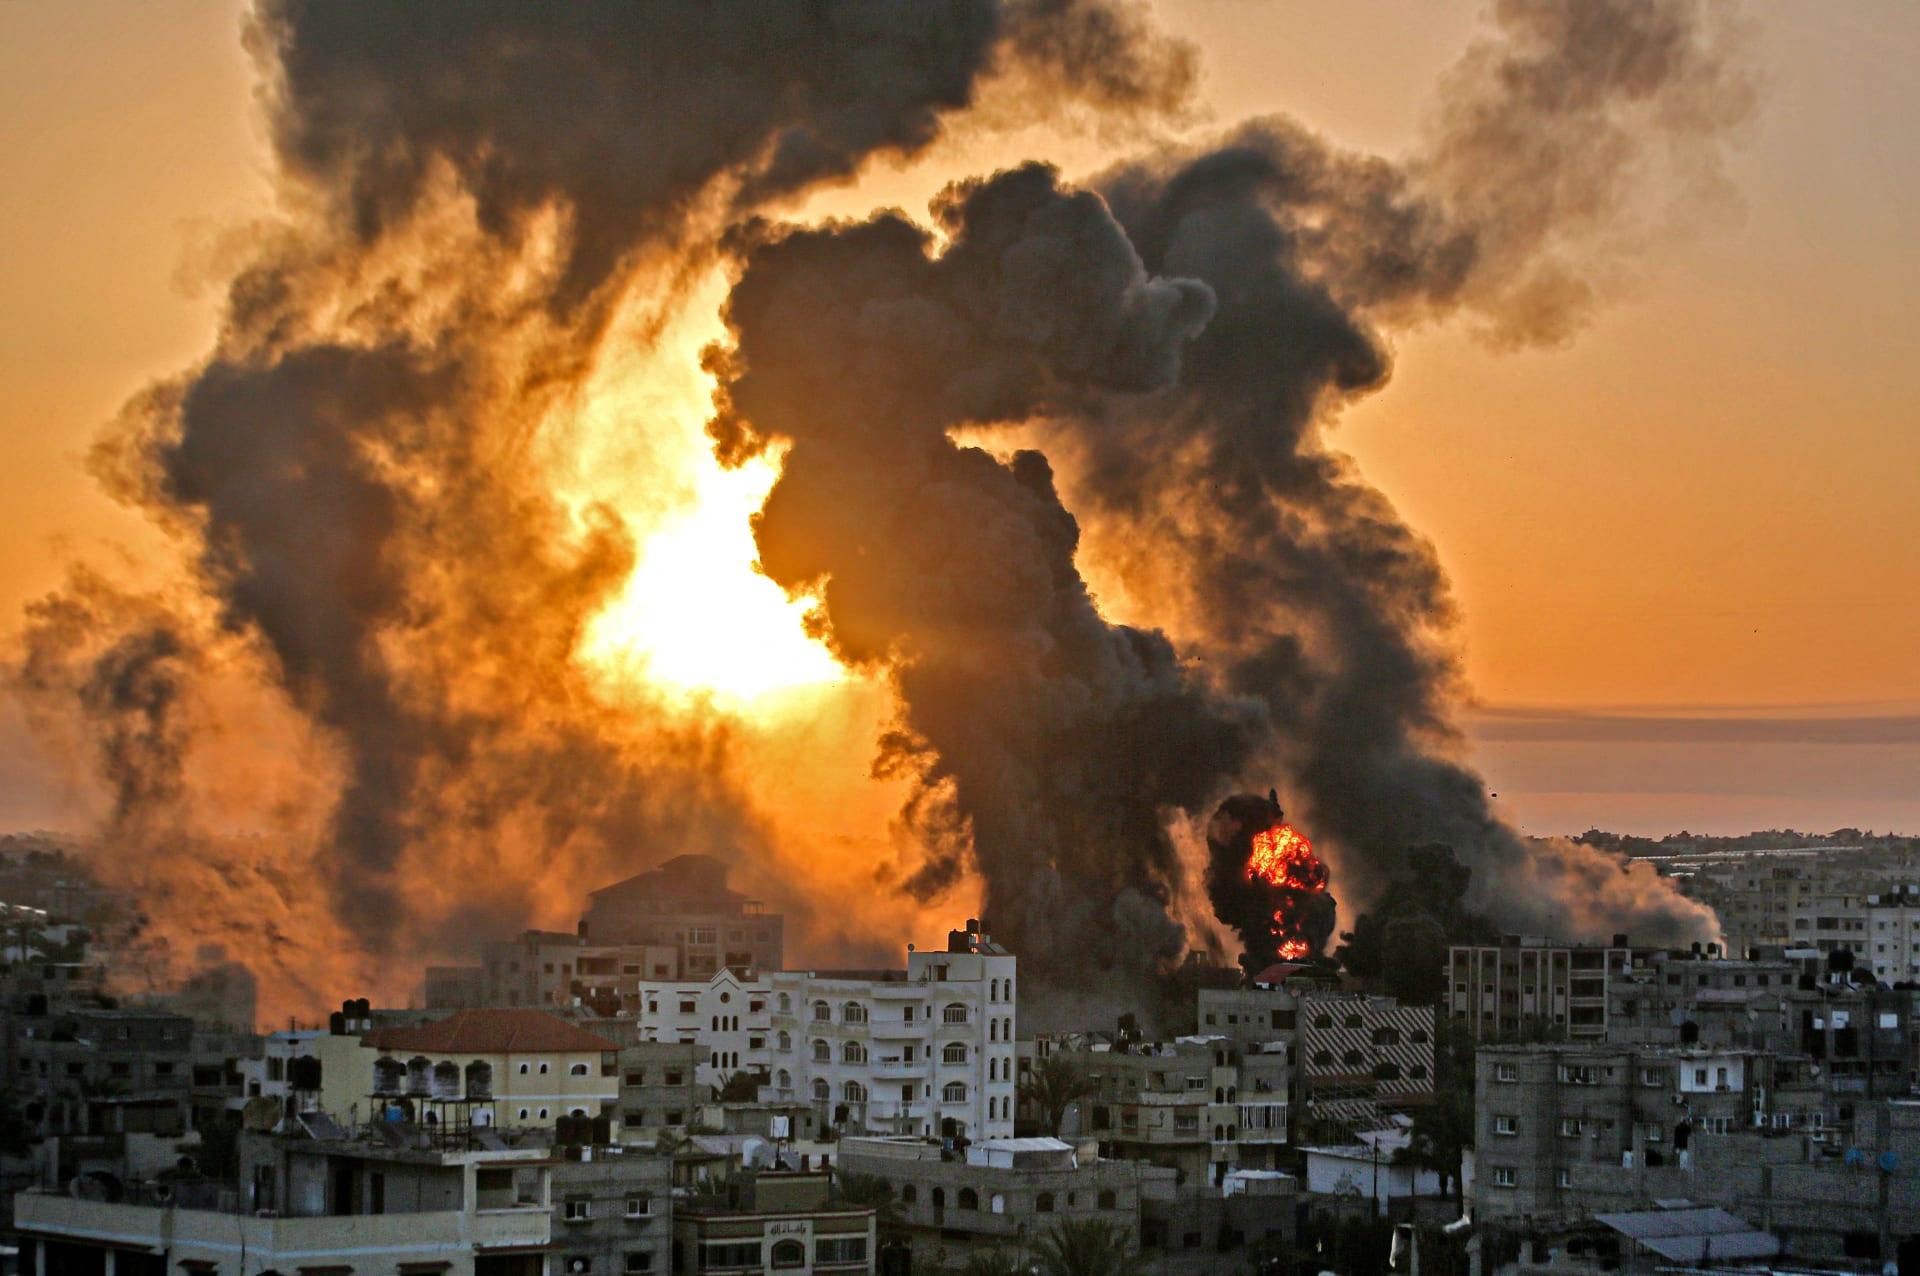 تحليل إخباري: كيف وصل الصراع الفلسطيني الإسرائيلي لطريق مسدود؟